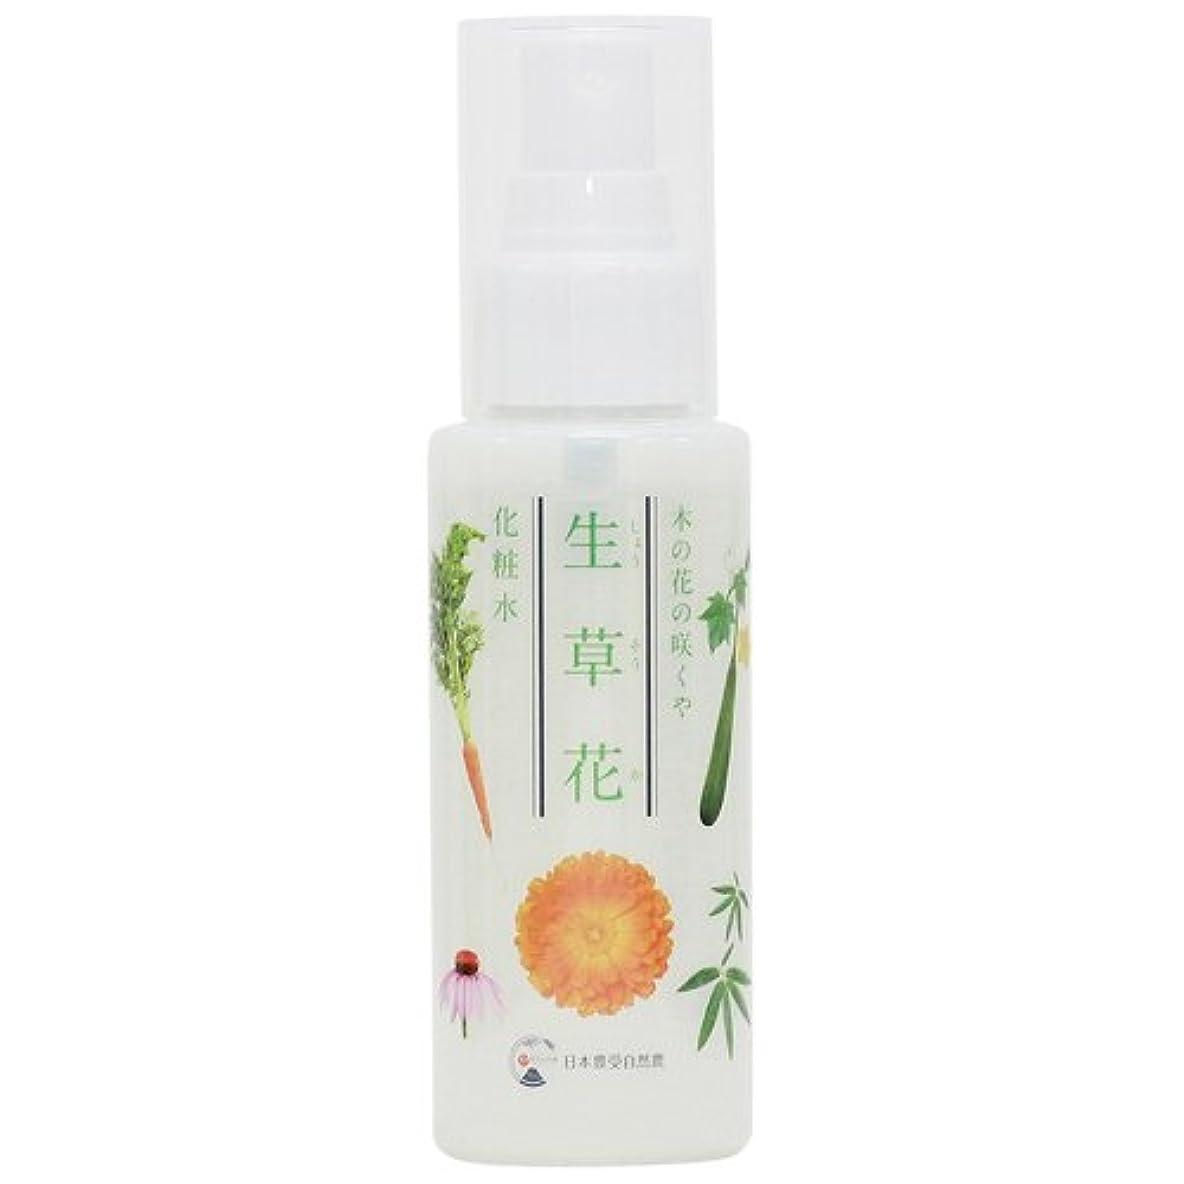 ペダルアメリカ彼女自身日本豊受自然農 木の花の咲くや 生草花 化粧水 80ml